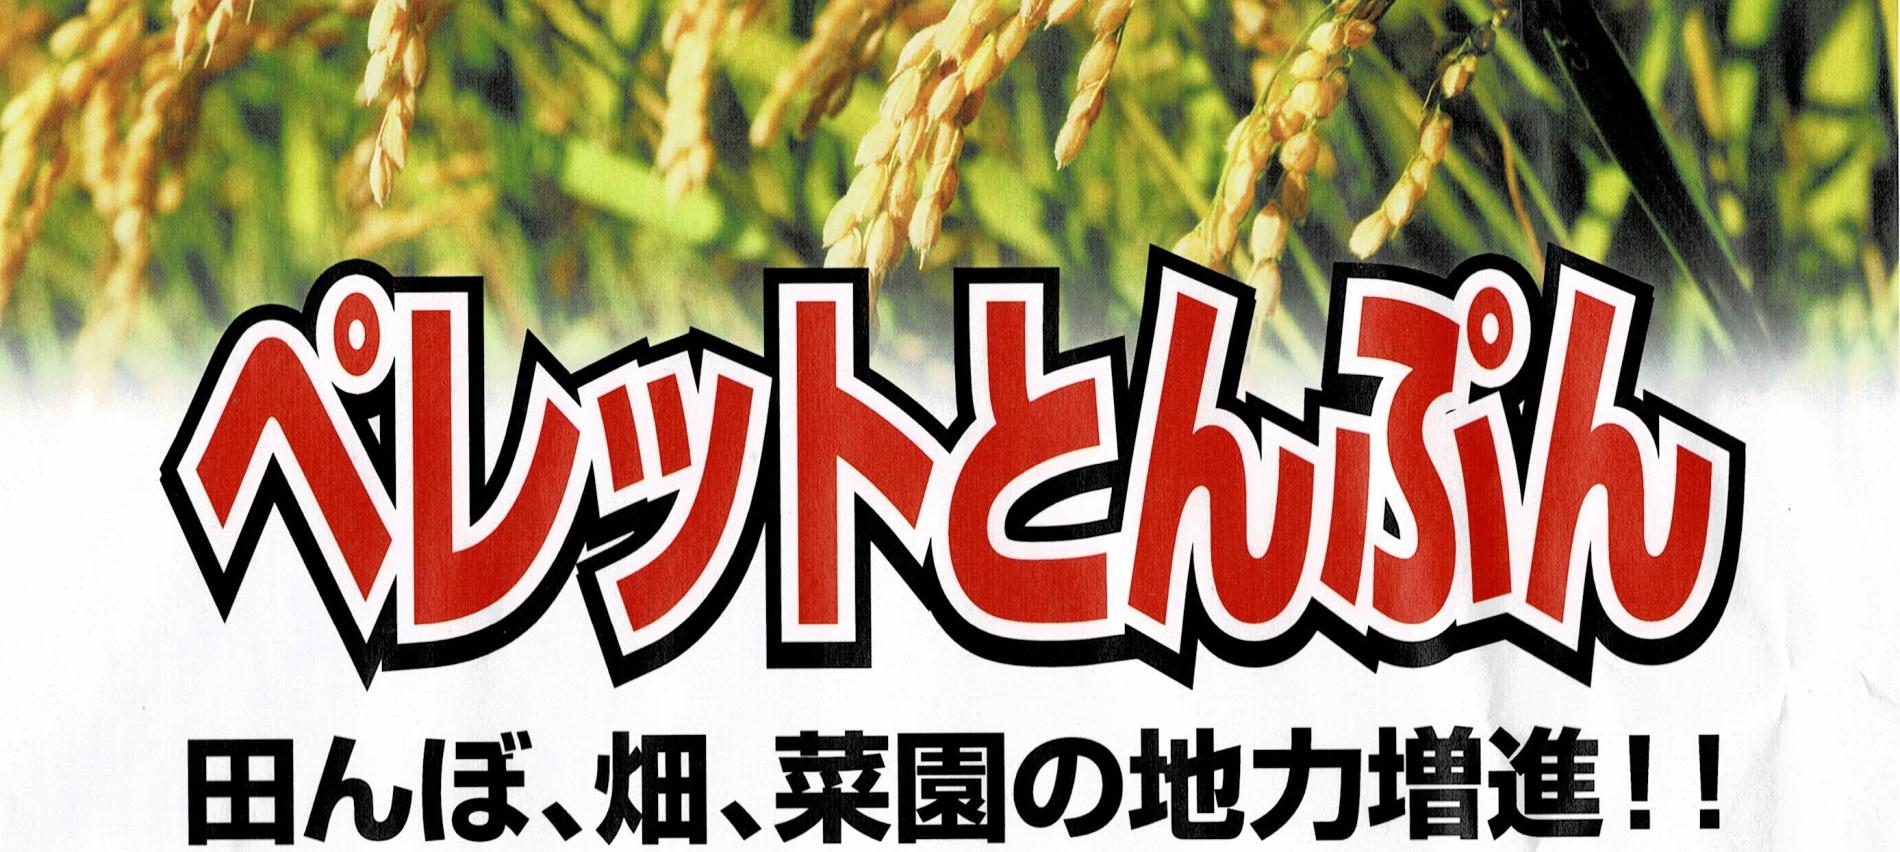 ペレットとんぷん 田んぼ、畑、菜園の地力増進!!